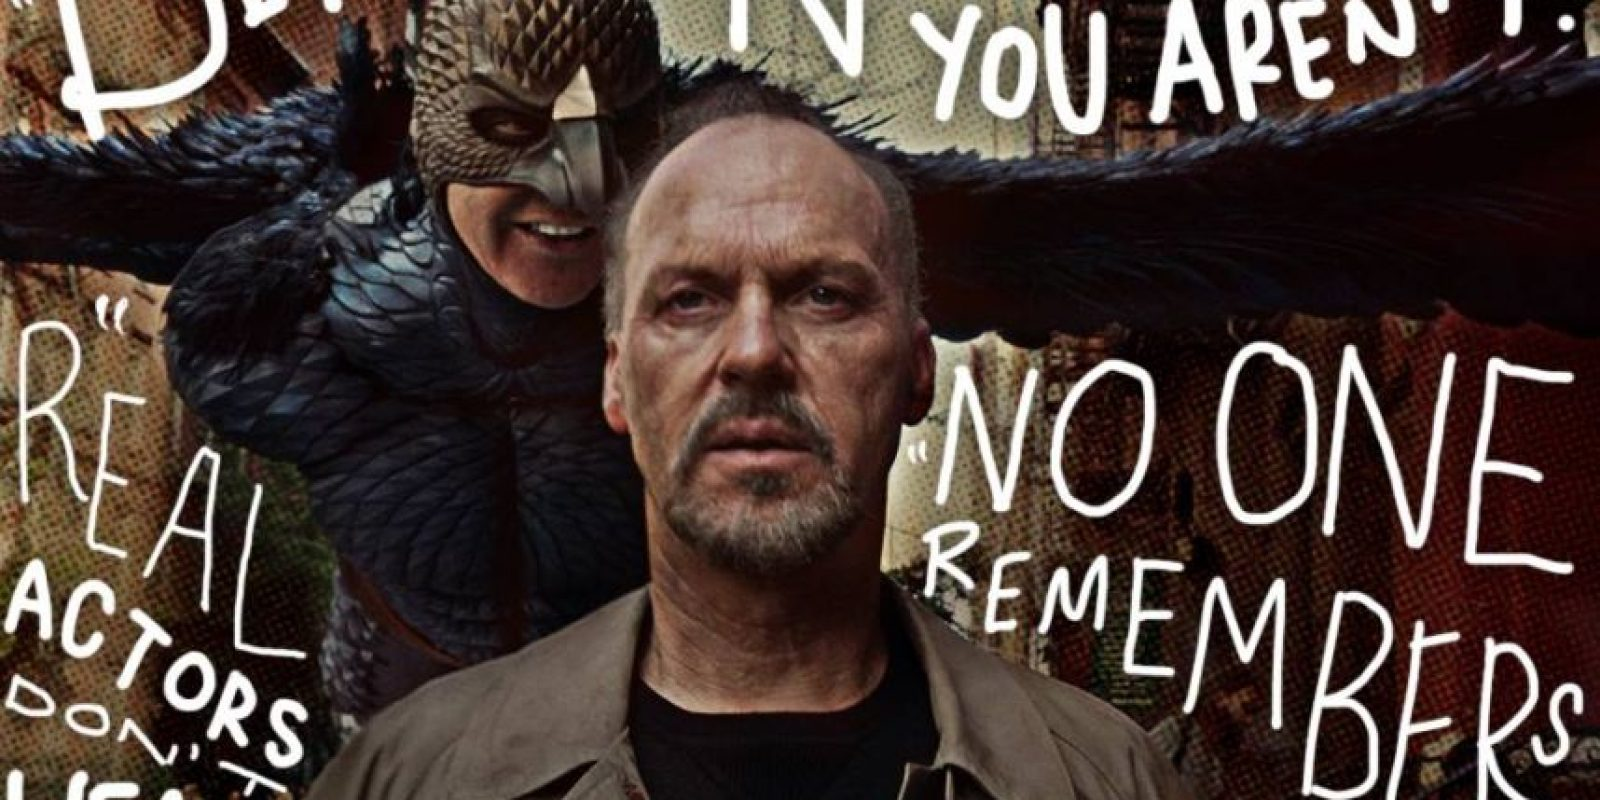 """Keaton interpretó a un decadente actor que saltó a la fama por interpretar al superhéroe """"Bordman"""" en décadas pasadas Foto:Vía facebook.com/BirdmanMovie"""